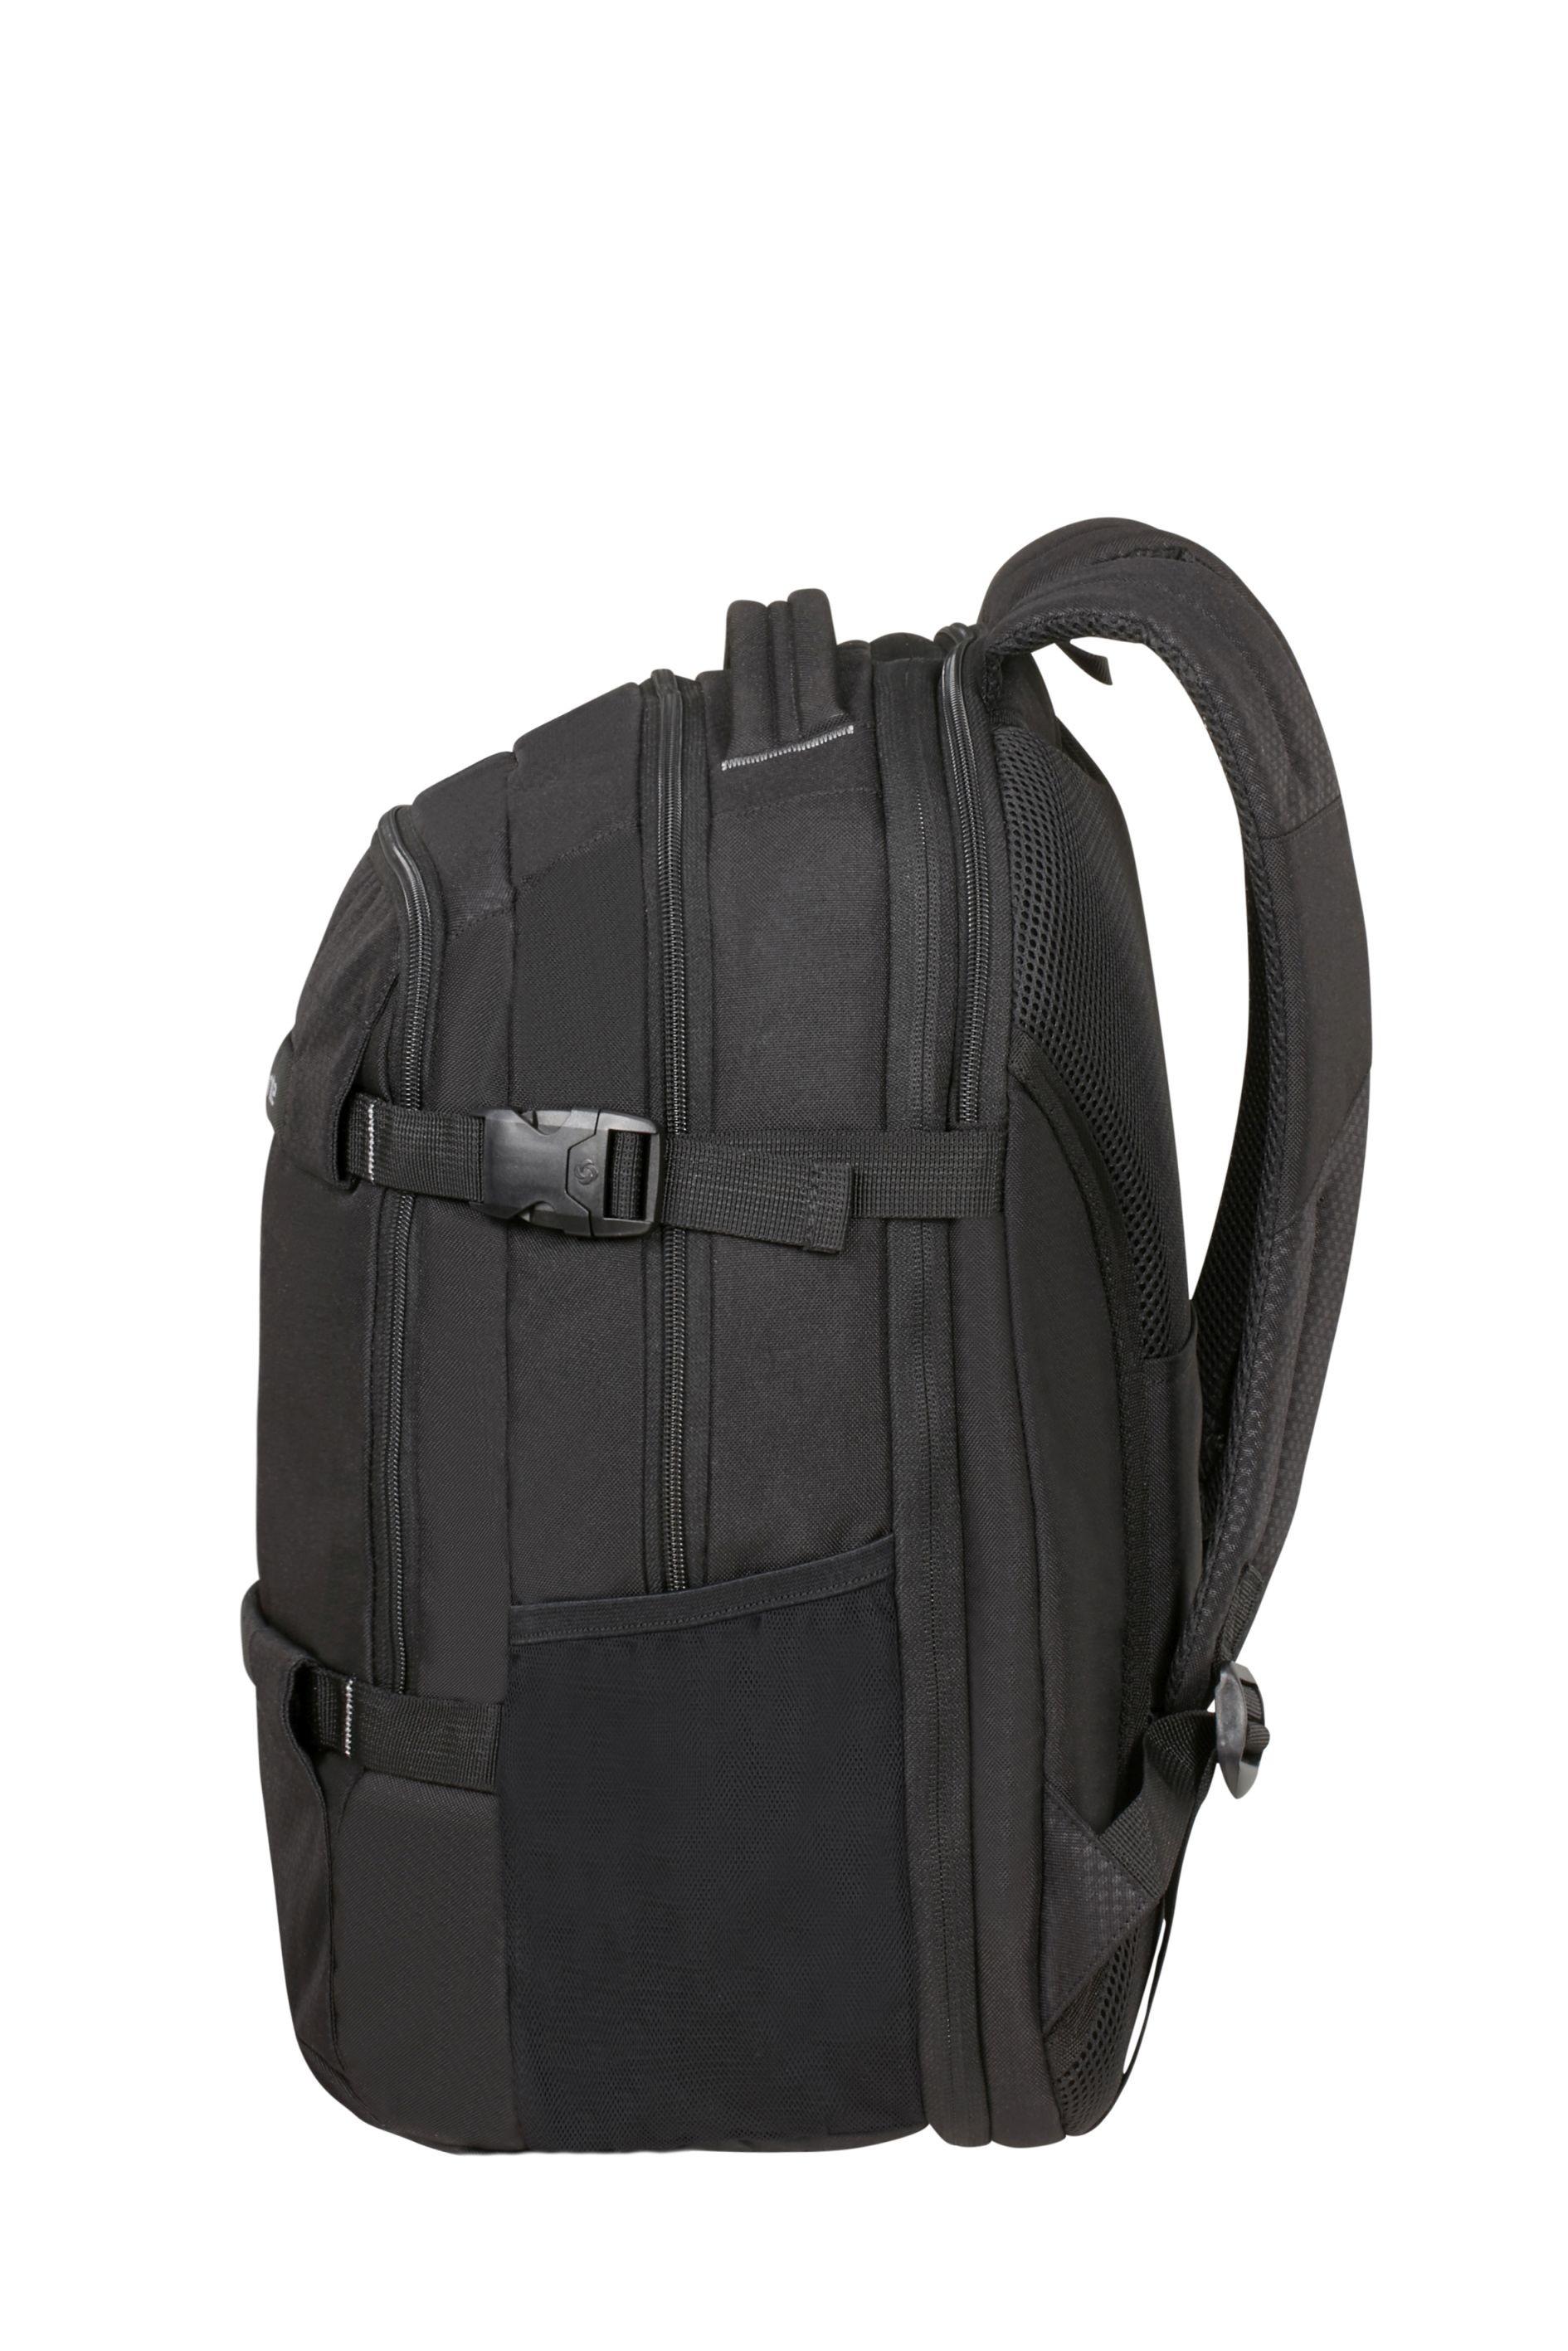 Samsonite Sonora Laptop Backpack L EXP, View 9